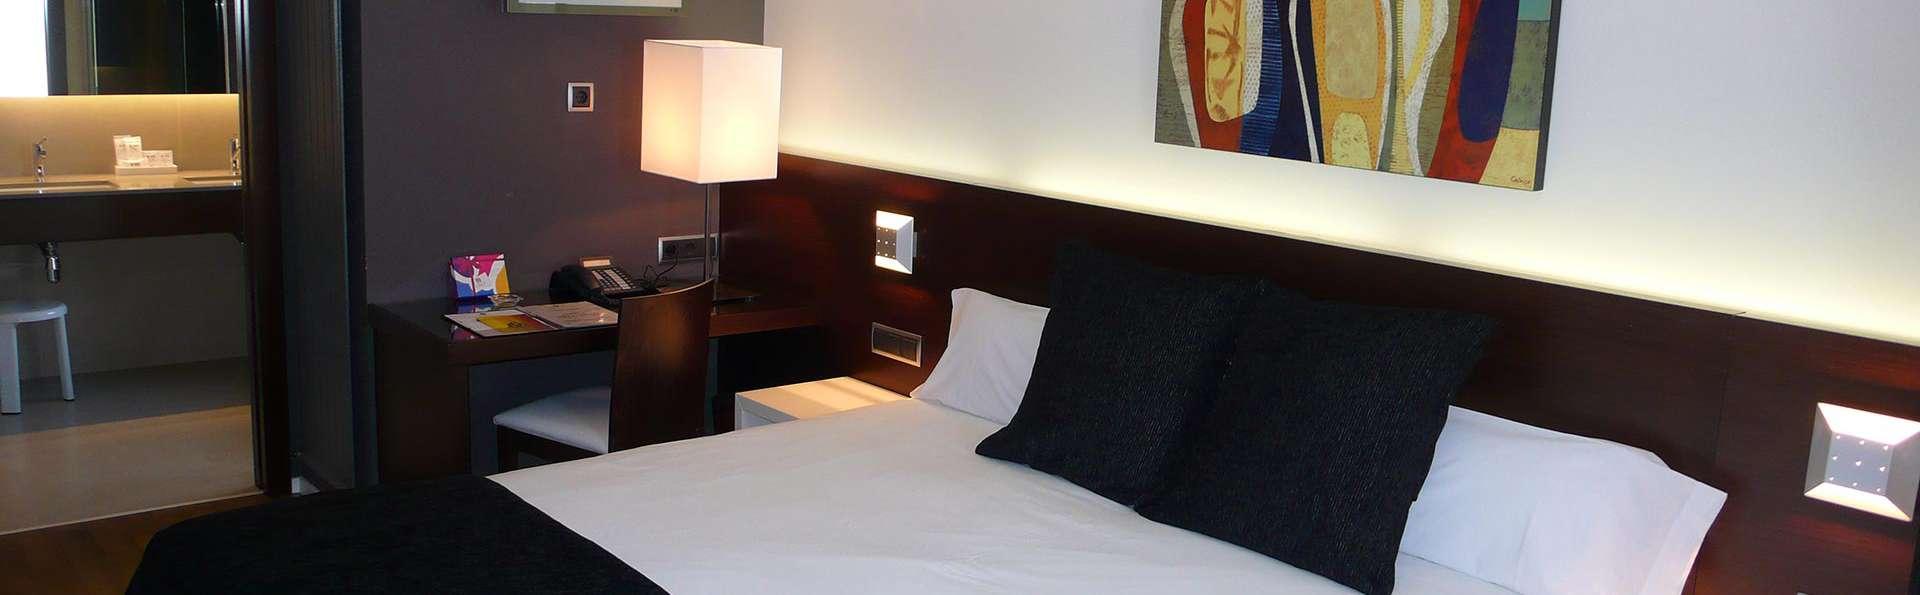 Escapada romántica en Junior Suite con acceso a jacuzzi y kit romántico en Andorra